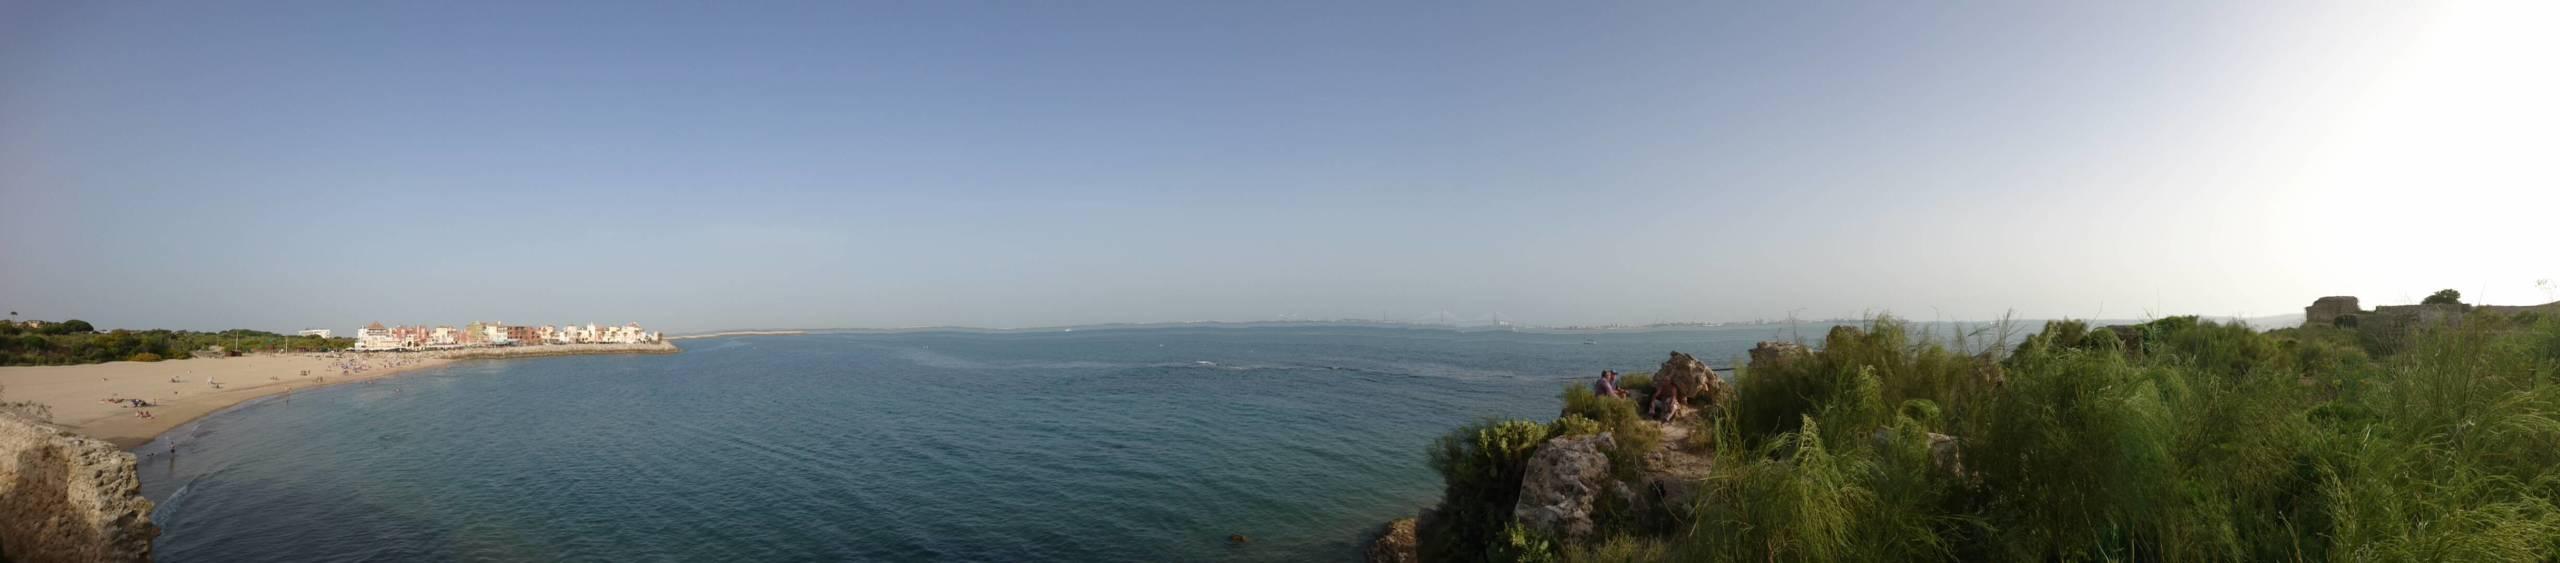 Foto de Panorama (2/2)